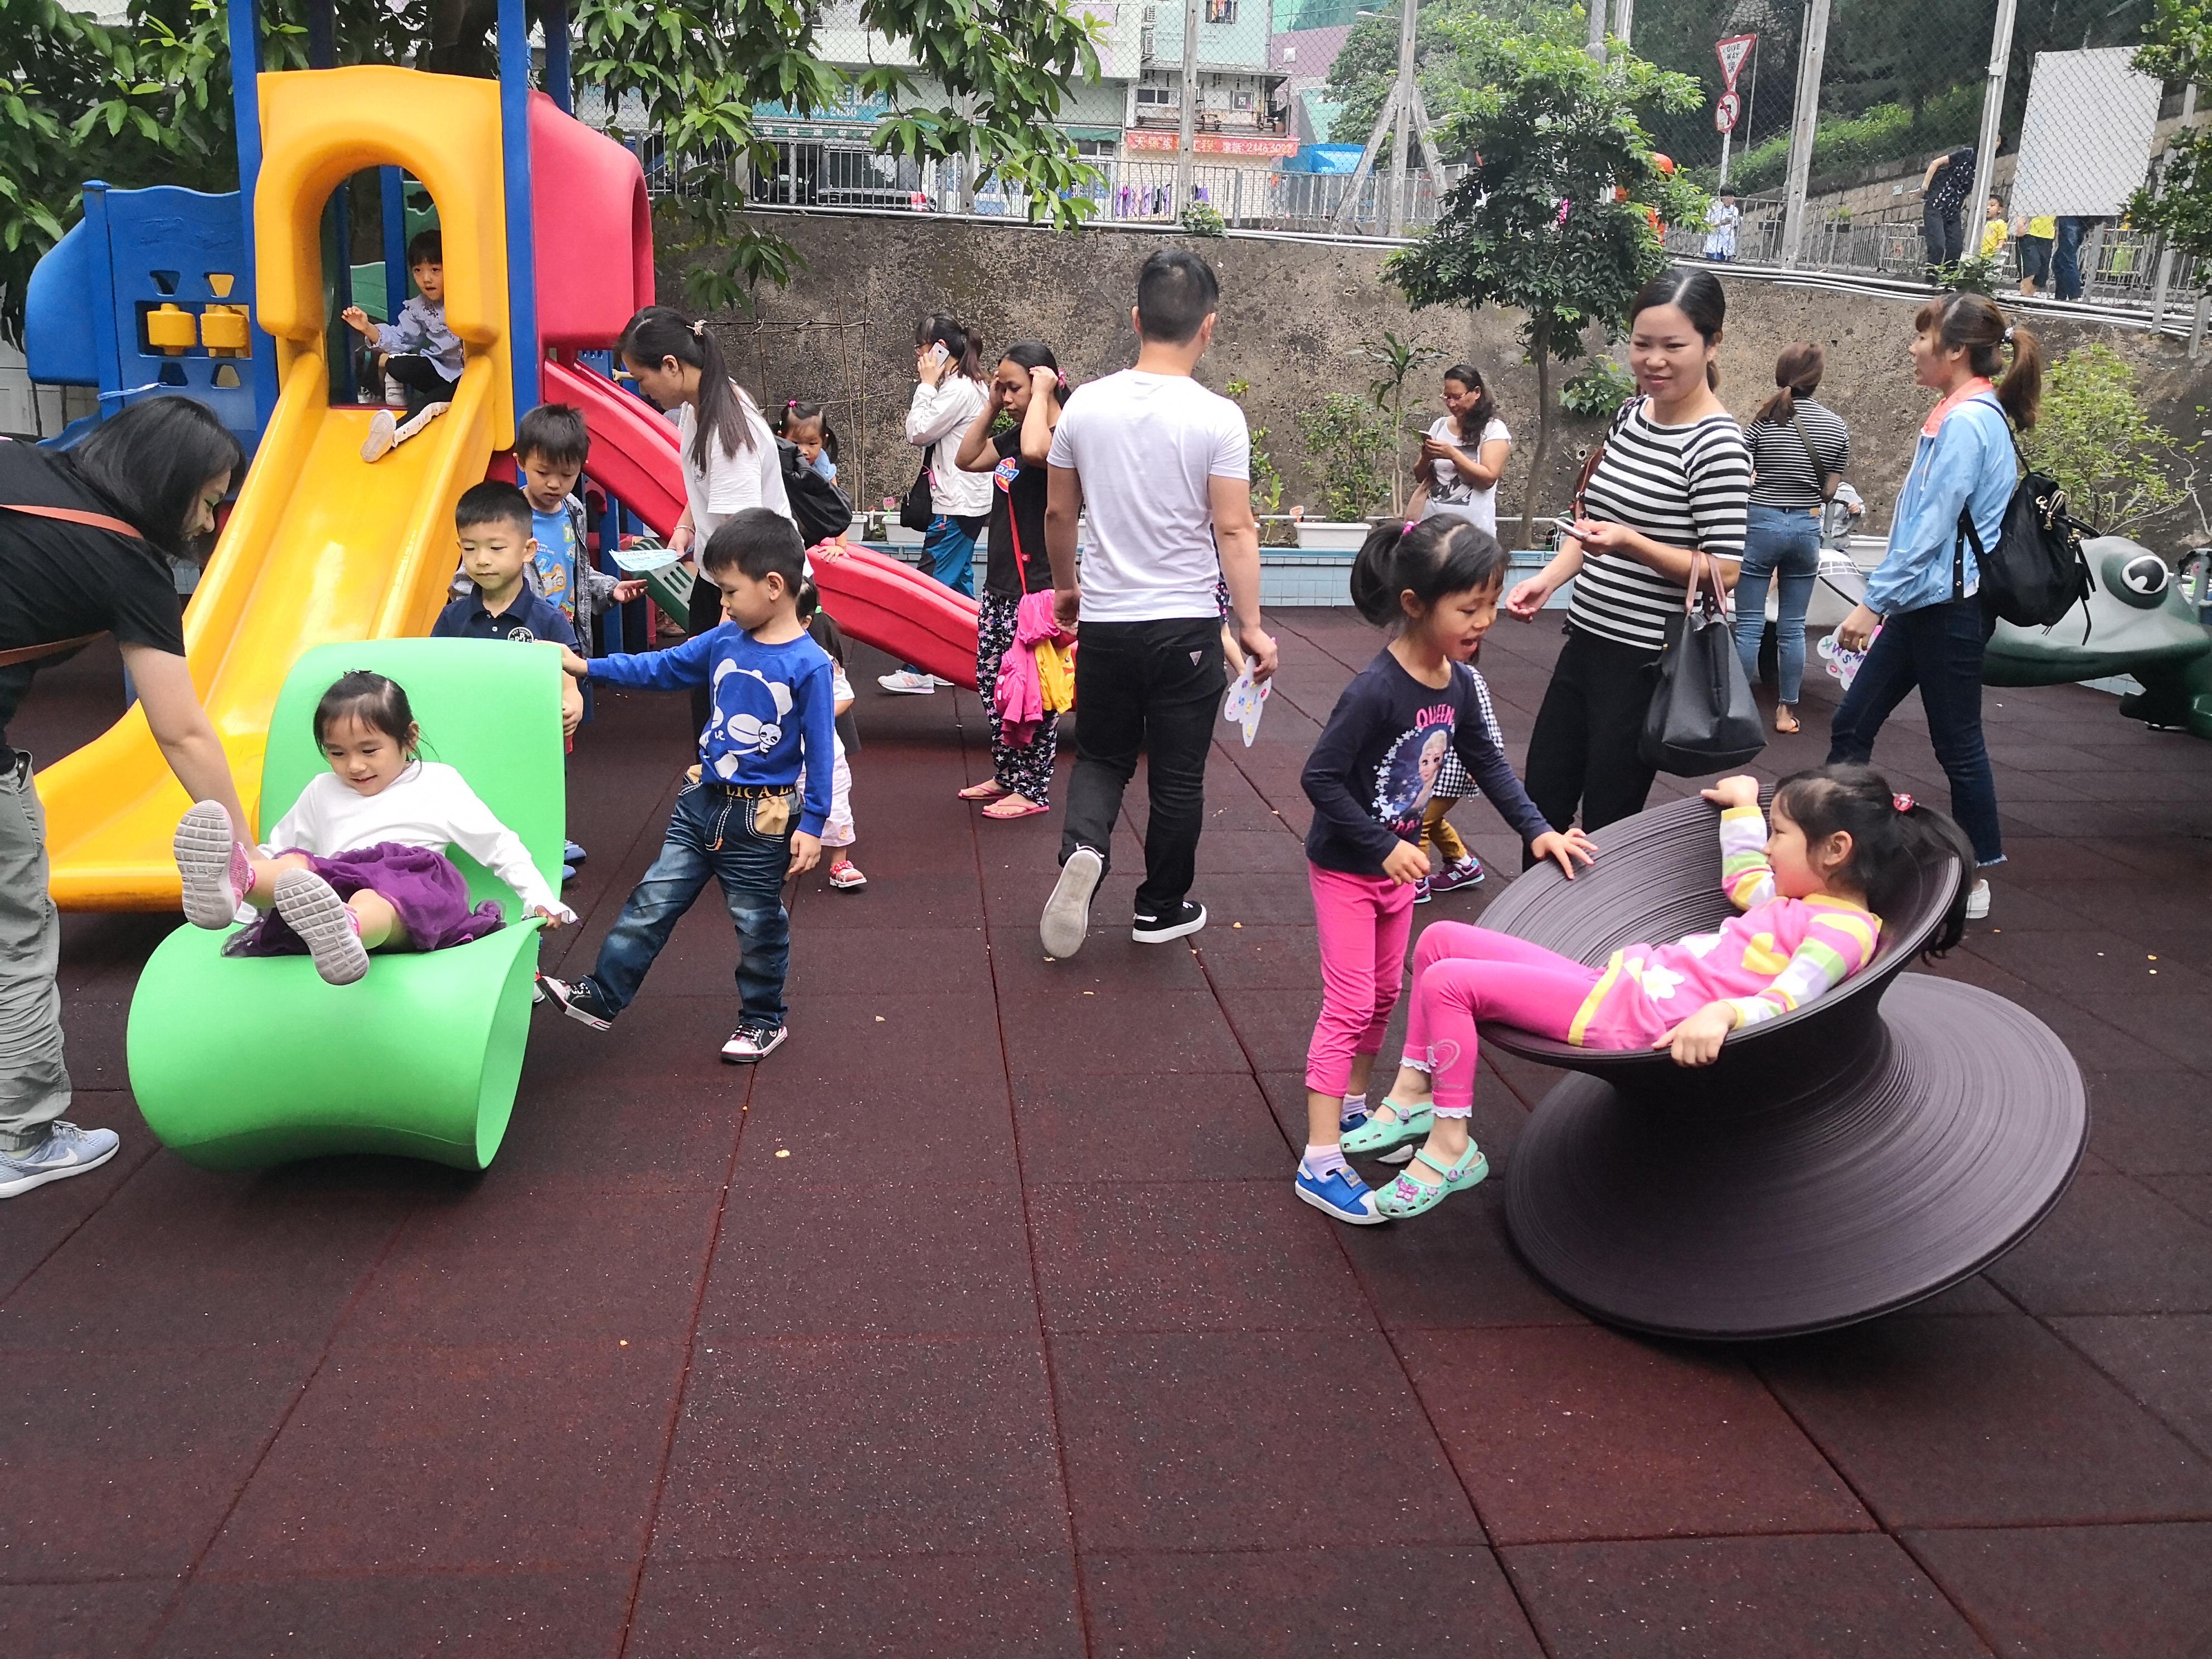 slide-24 slide